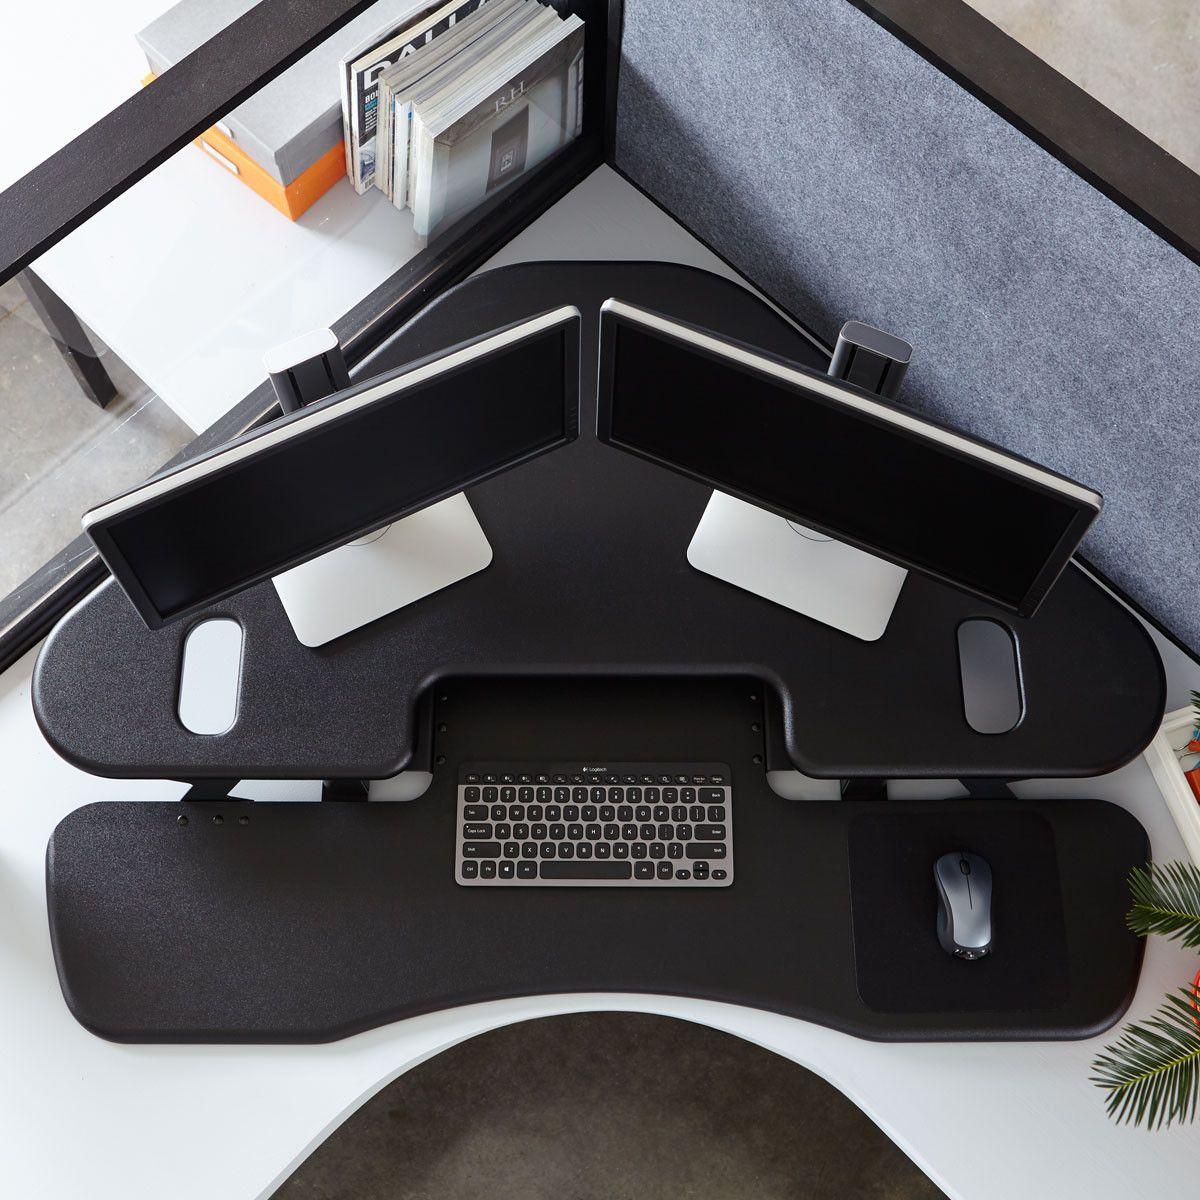 Varidesk exec 40 review varidesk pro desk 60 darkwood review workfit t - Standing Desk Varidesk Cube Corner